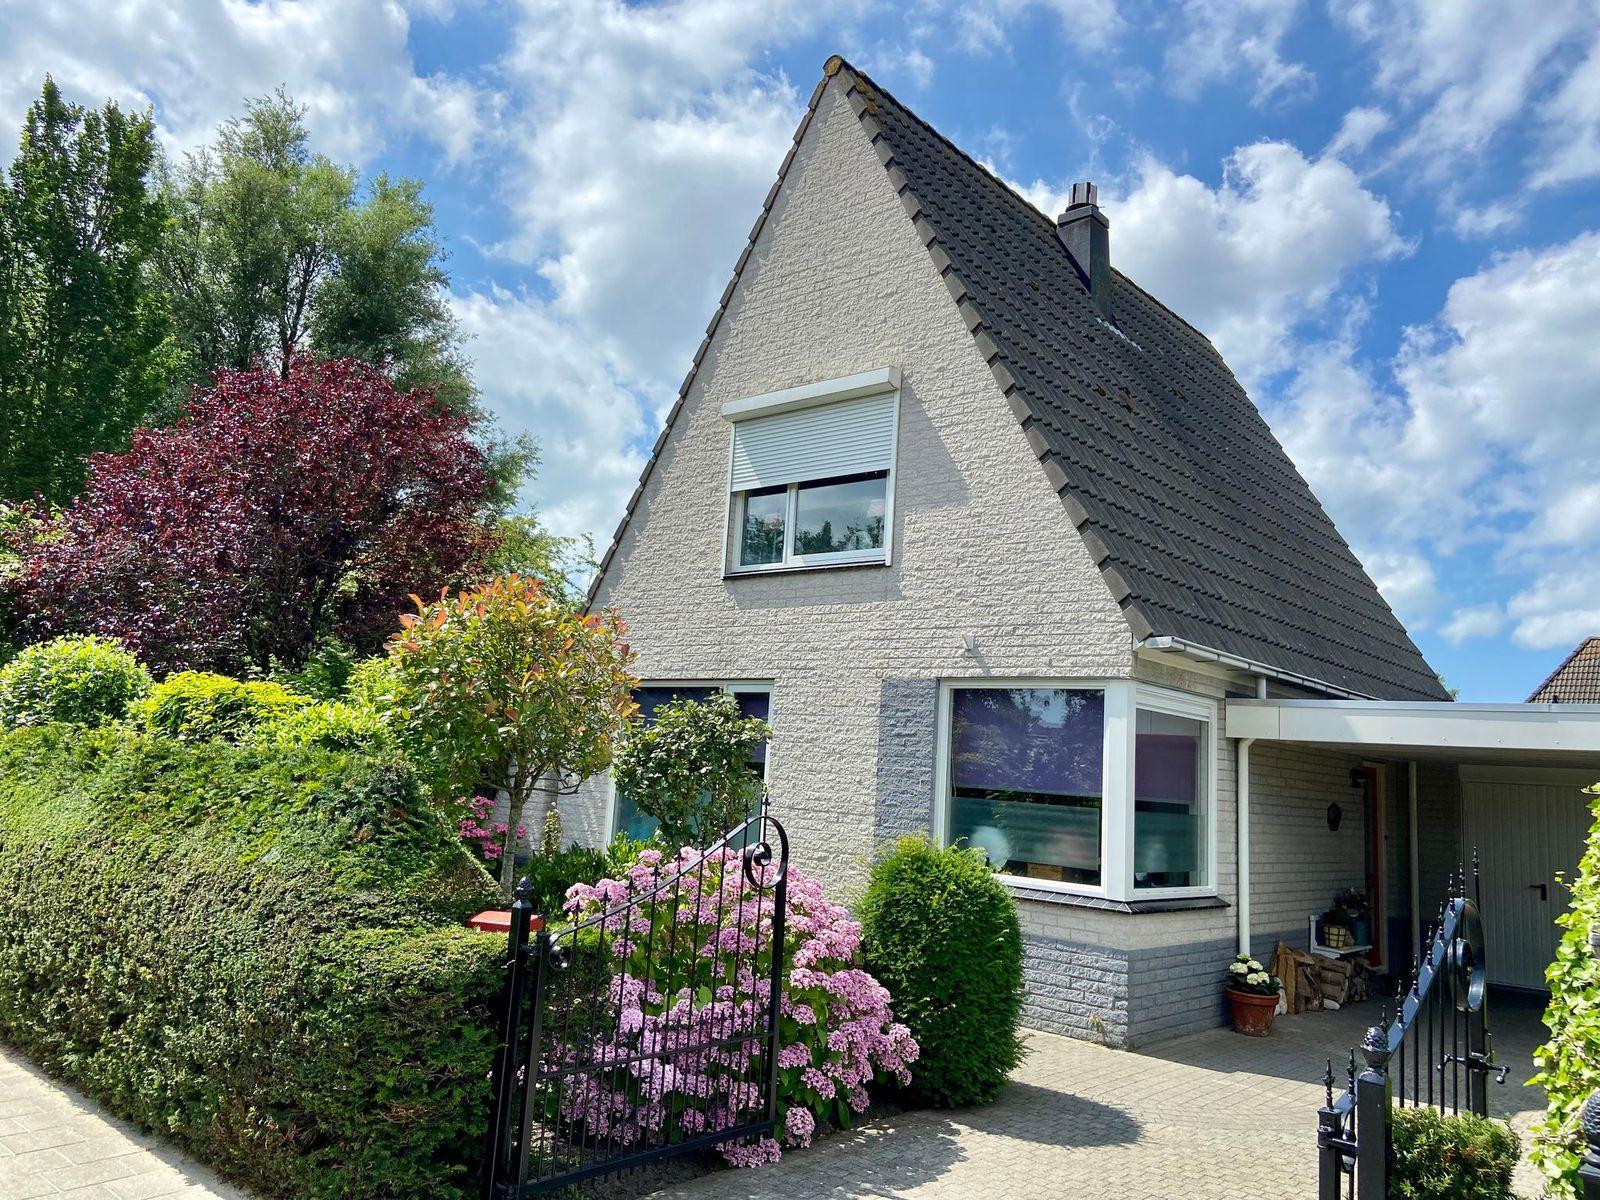 Weyevlietweg 21, Vlissingen